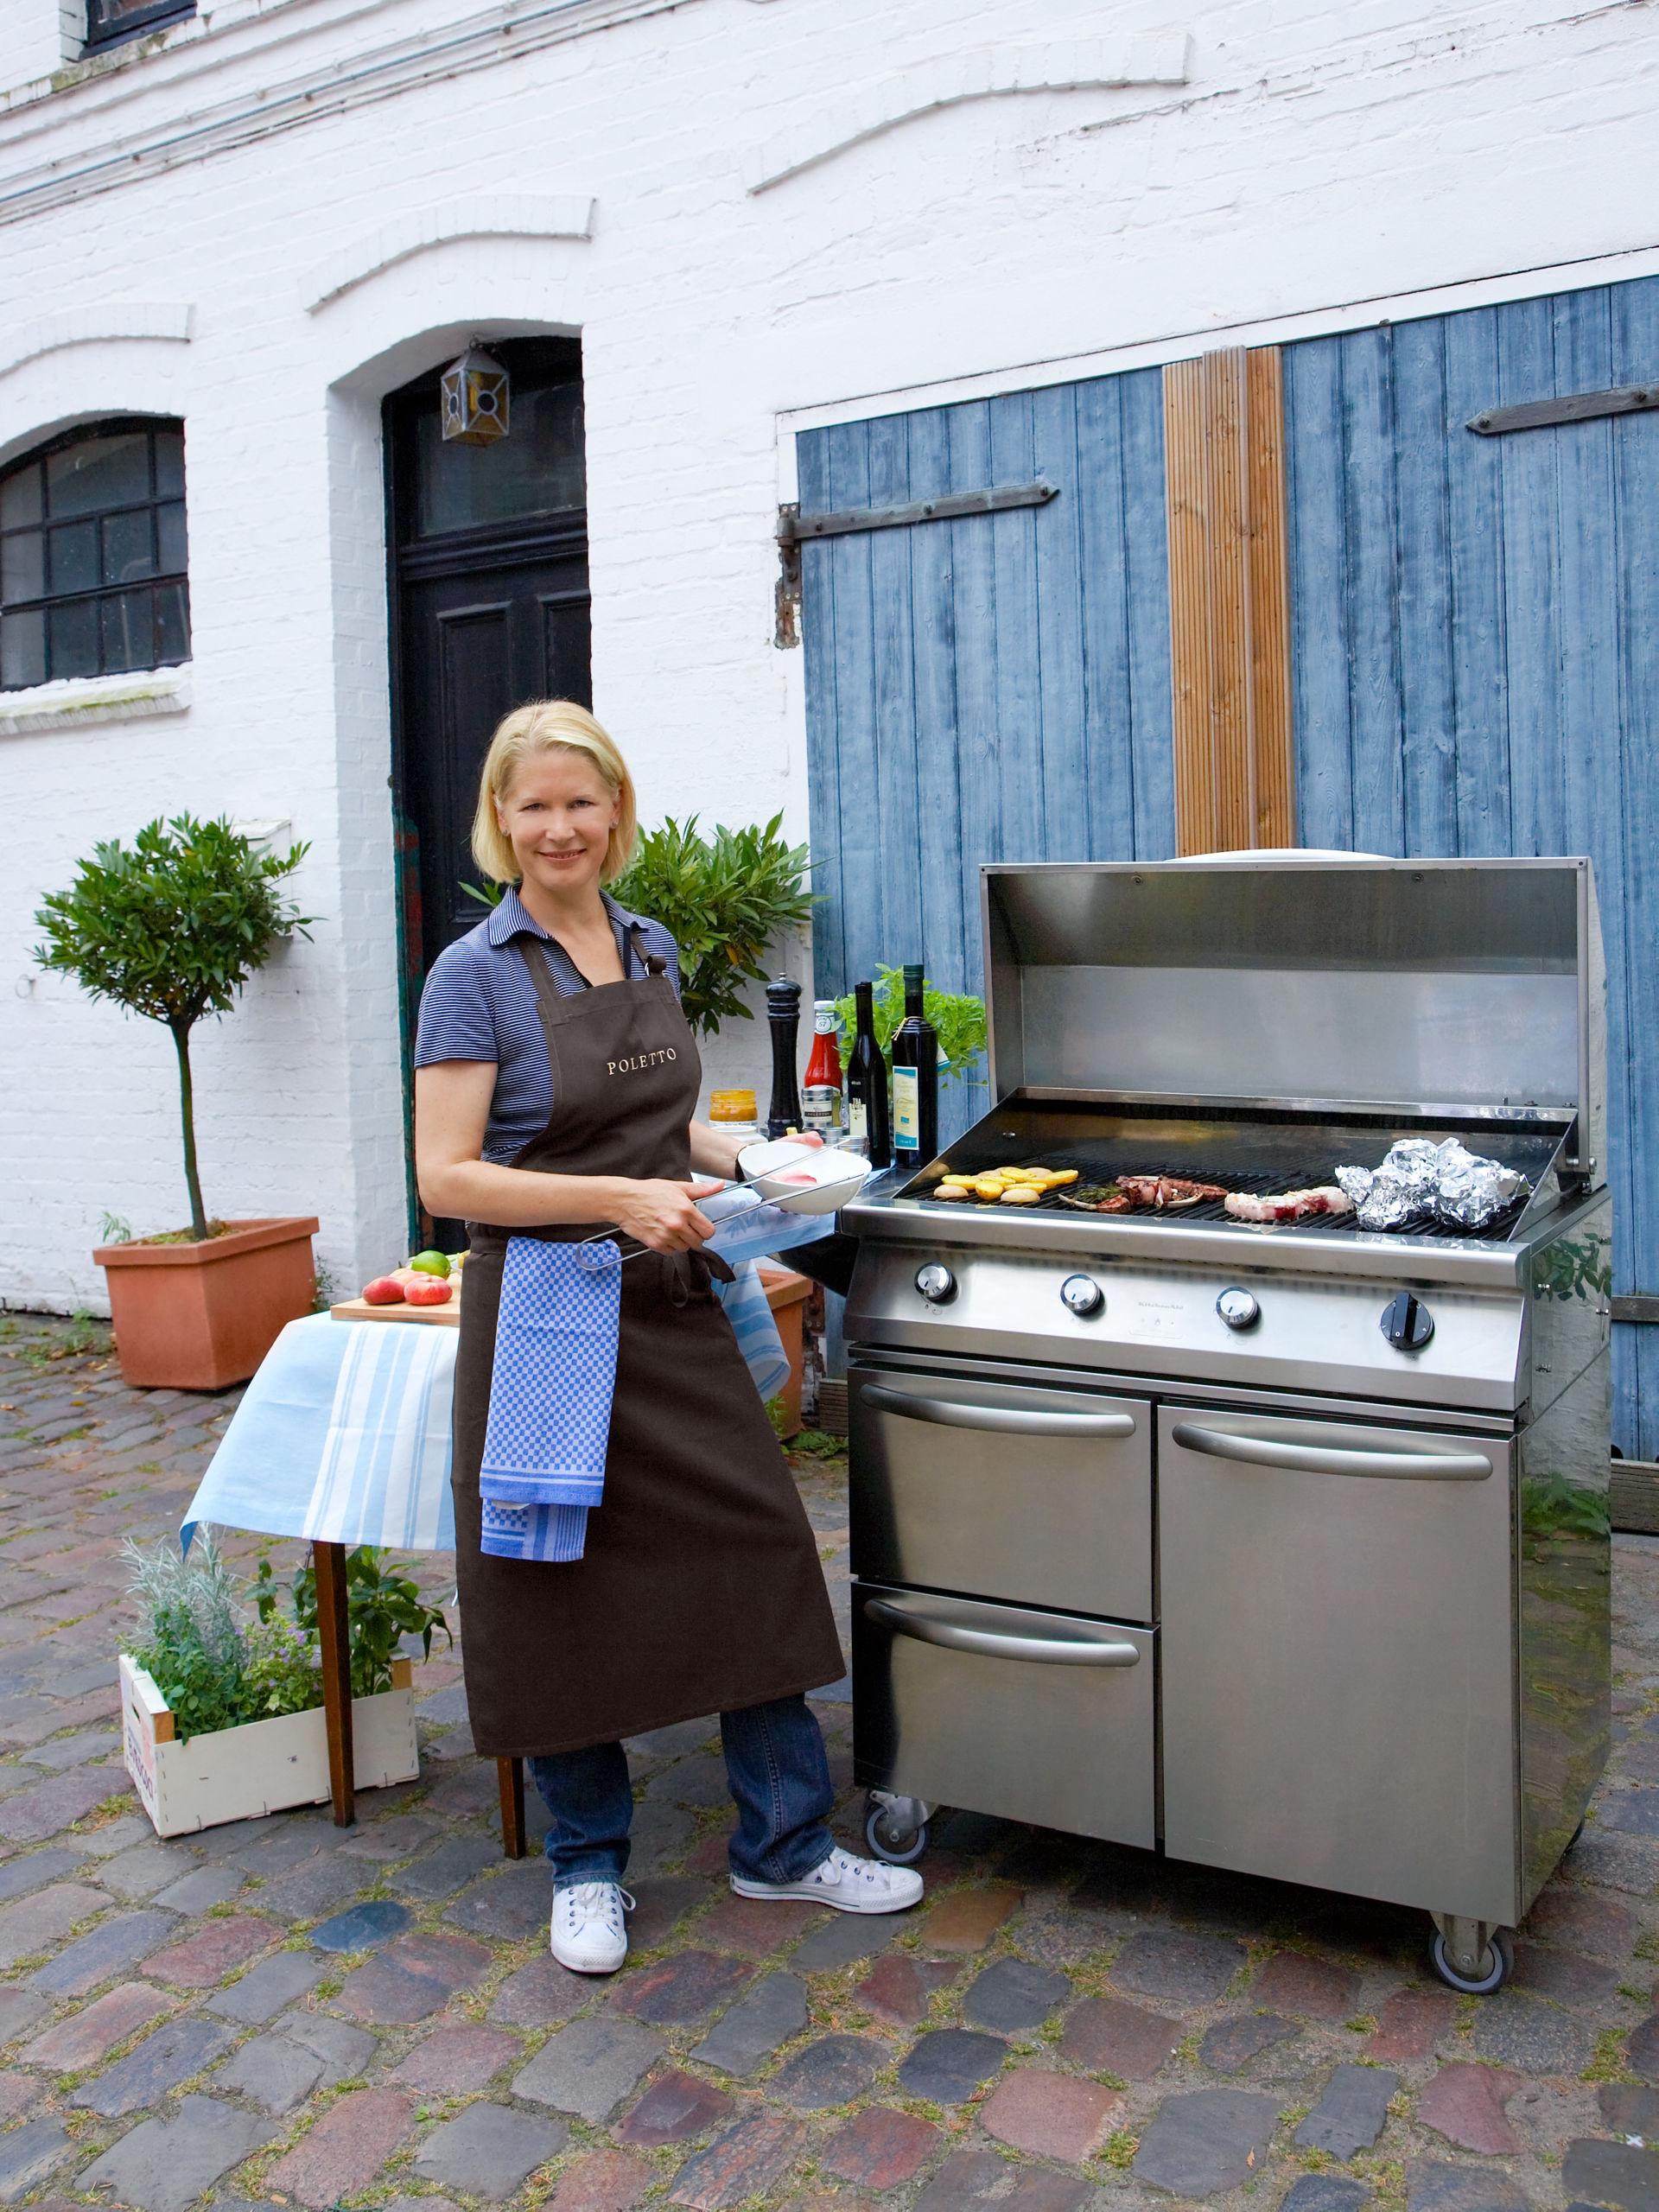 polettos grillk nste zuhause wohnen. Black Bedroom Furniture Sets. Home Design Ideas